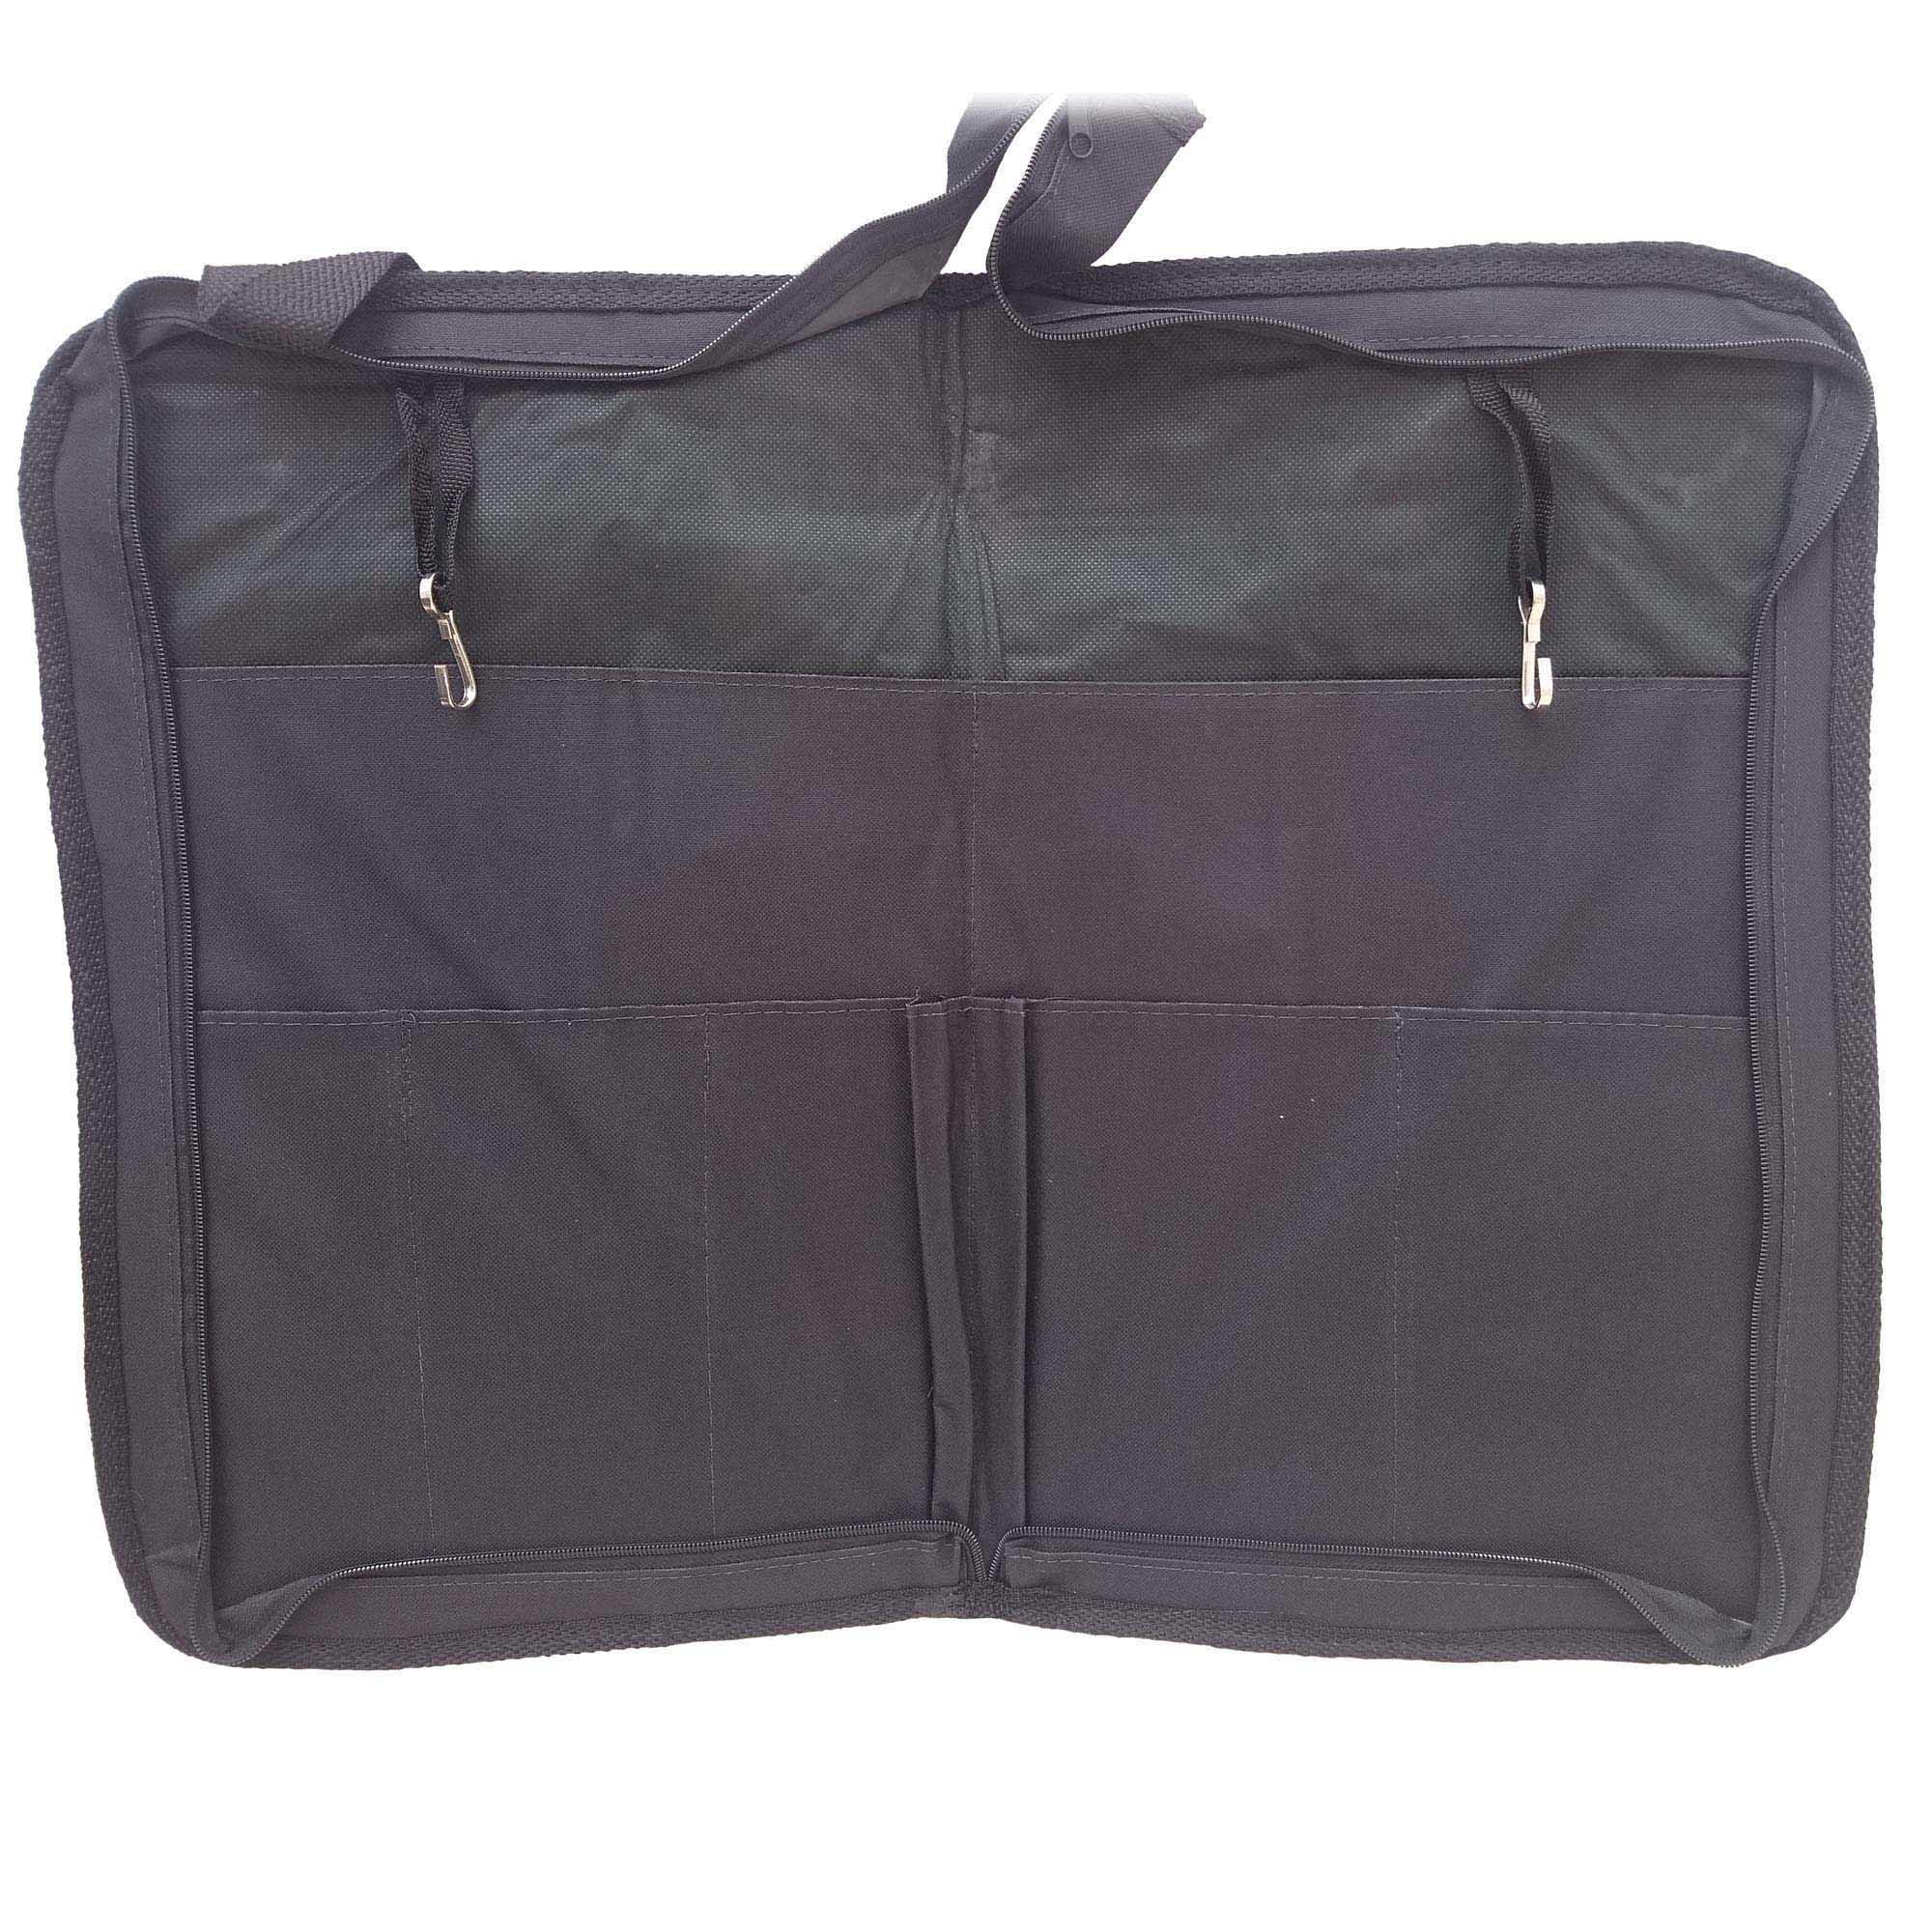 Capa Bag luxo Para Baquetas. Baqueteira profissional, com tamanho reduzido, ocupa pouco espaço. LU 703  - ROOSTERMUSIC